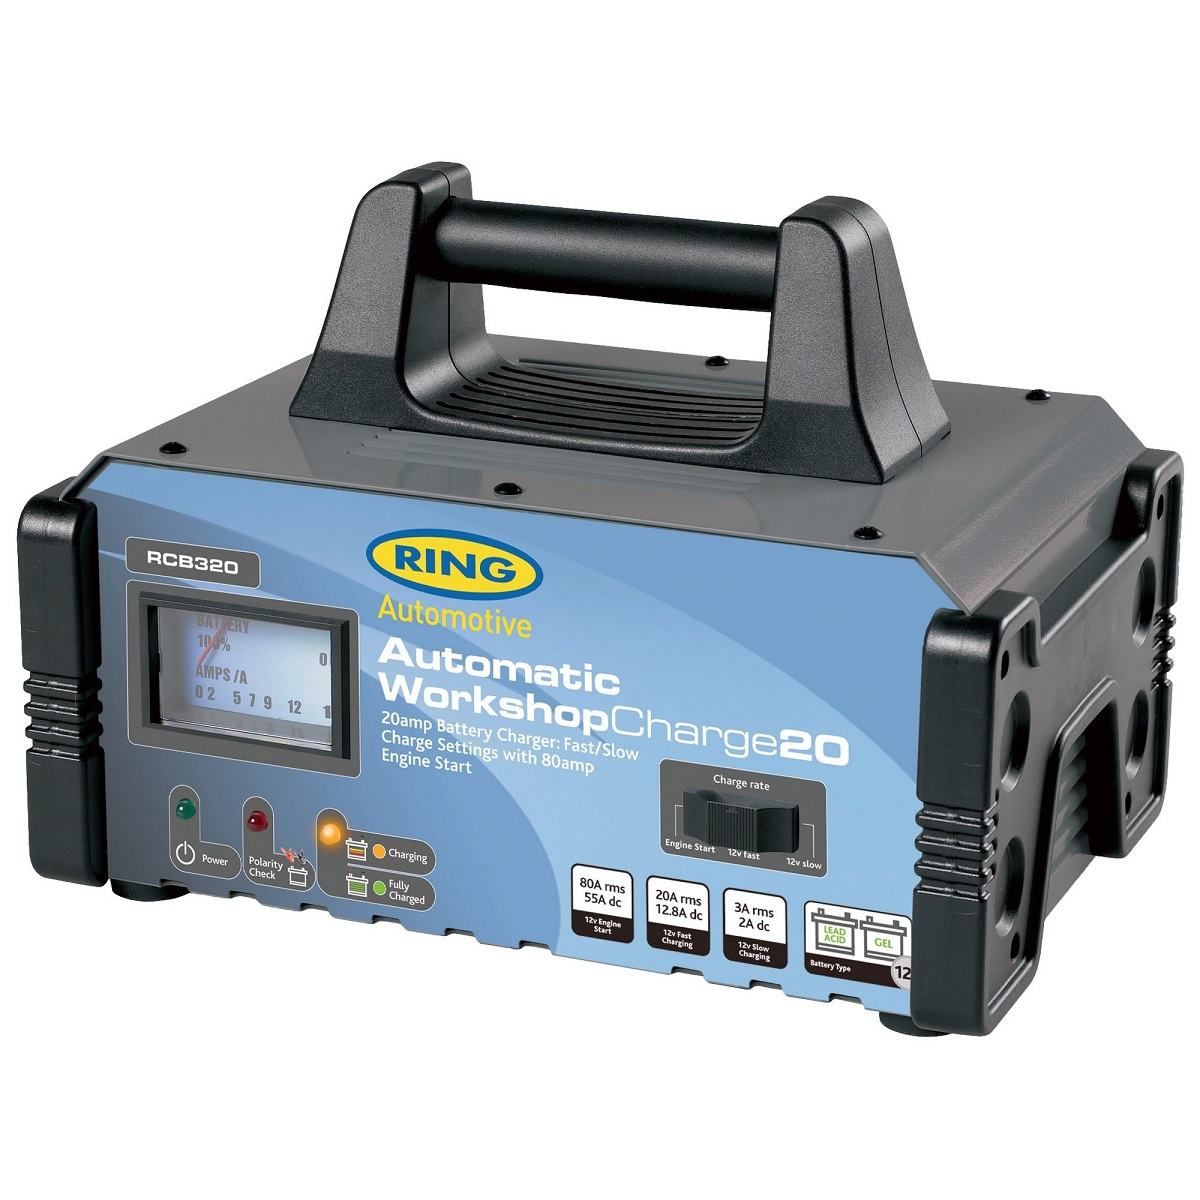 Пуско-зарядное устройство Ring Automotive WorkShopCharge20. RECB3206956229900017Зарядное предпусковое устройство предназначено для зарядки свинцово-кислотных и гелевых аккумуляторных батарей, а также помощи в запуске двигателя автомобиля. Идеальное решение для небольших автосервисов и гаражей. Стрелочный индикатор - амперметр. Два режима зарядки - быстрый 20А и медленный 3А. Помощь в запуске двигателя - 80А. Автоматическая работа. Светодиодные индикаторы зарядки и заряженной батареи. Рекомендуется для АКБ емкостью 20 - 225Ач. Защита от обратной полярности. Удобная ручка для переноски. Металлический корпус с прорезиненными гранями.